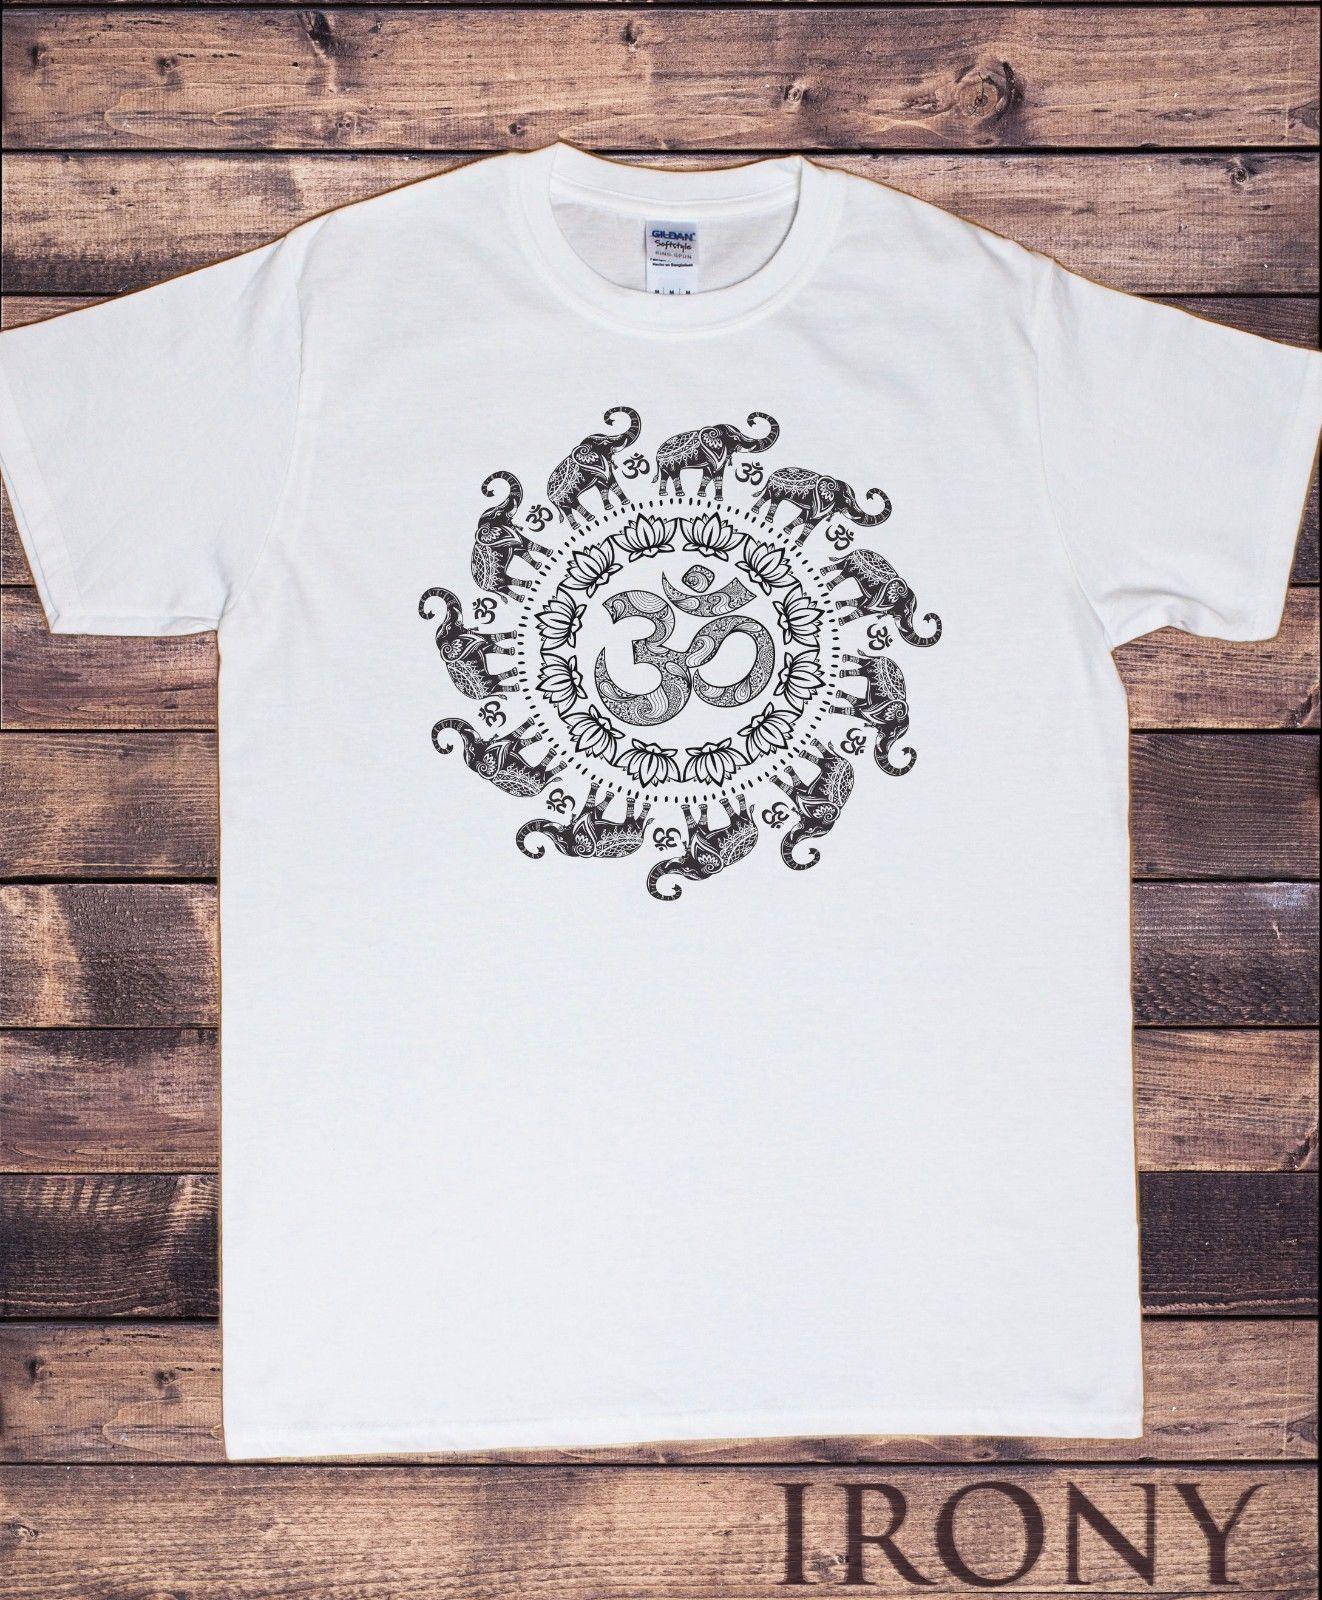 détaillant en ligne 81d2b 7a073 Acheter T Shirt Pour Homme OM Motif Fleuri Spirale D ...